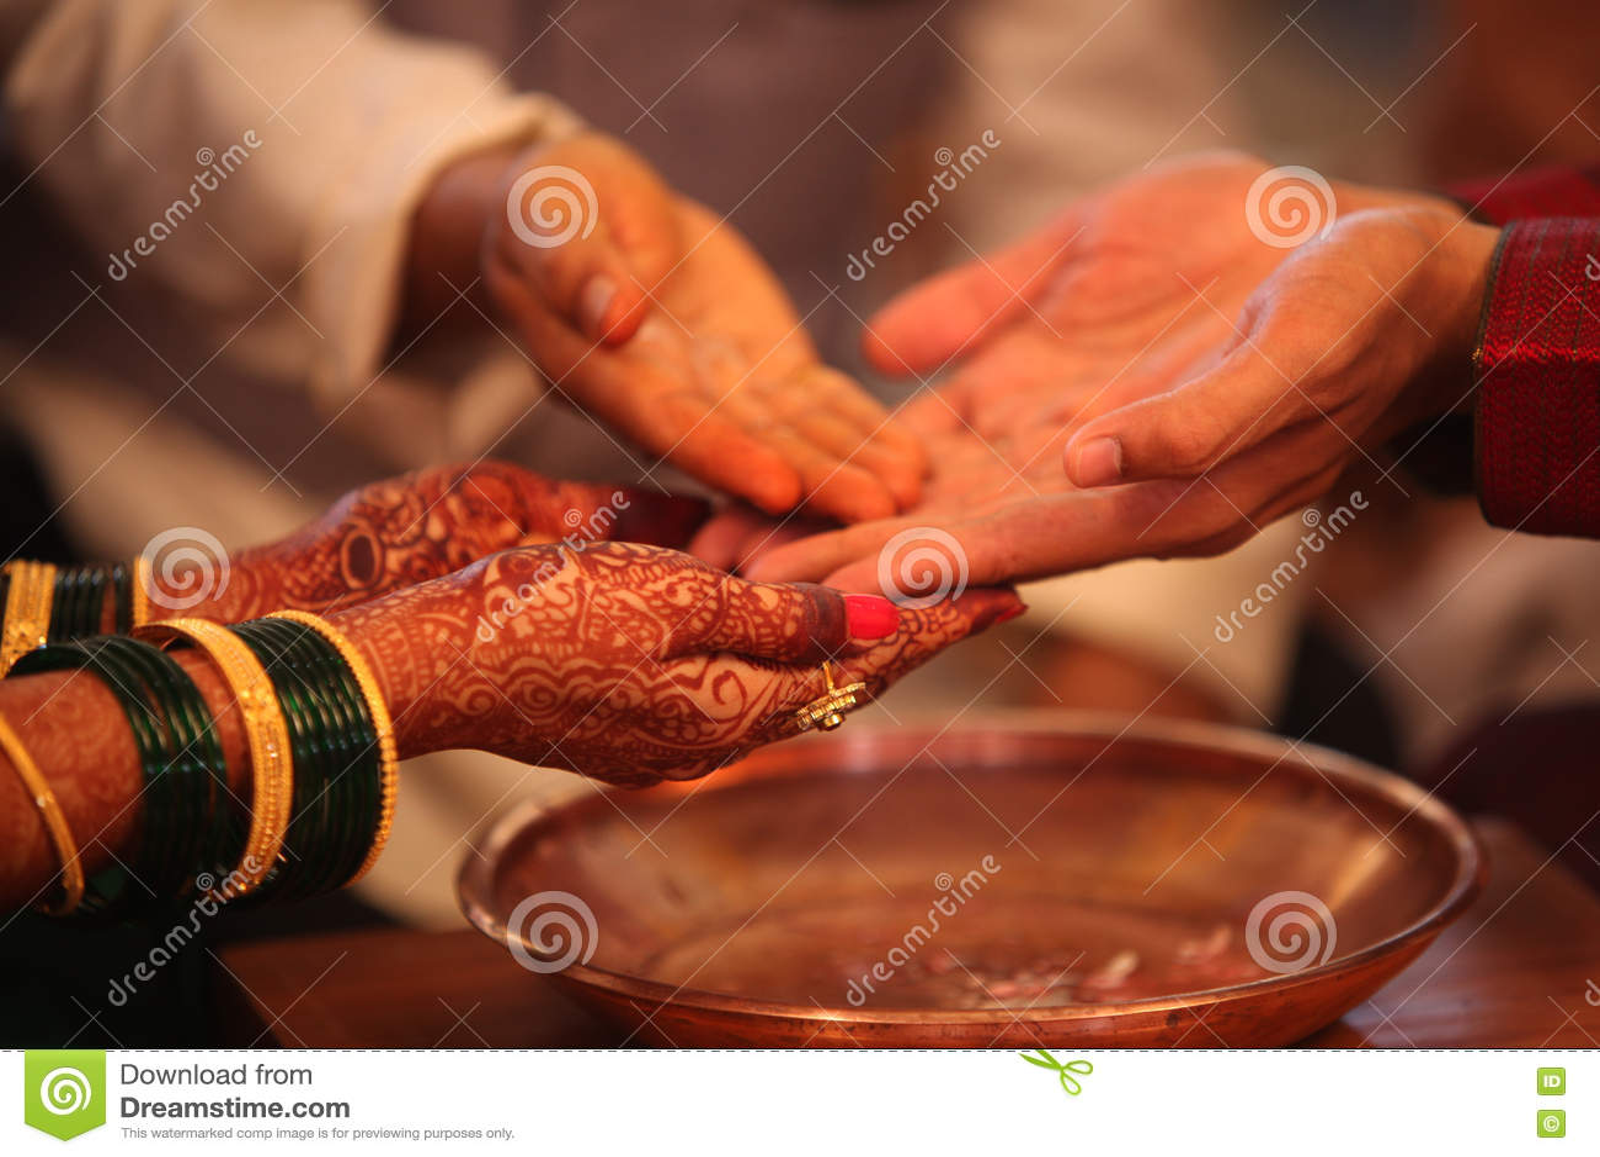 индийское ритуальное венчание